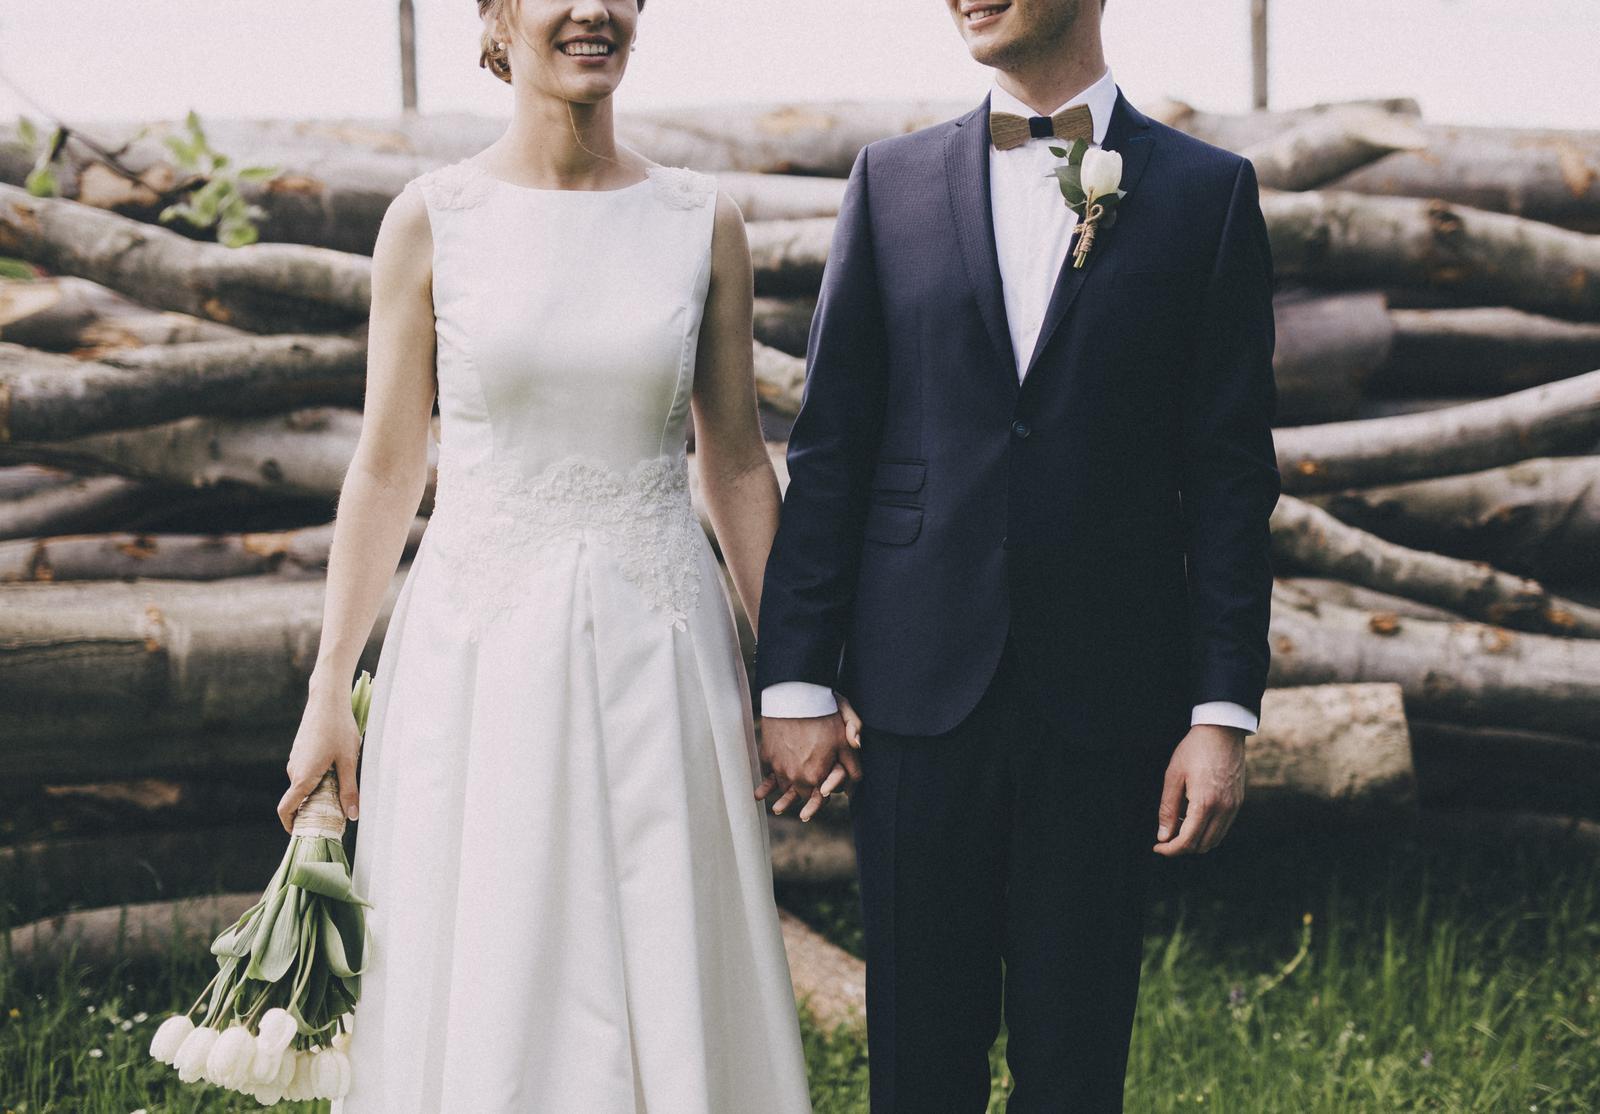 Svadobné šaty s čipkou 36/38 - Obrázok č. 1